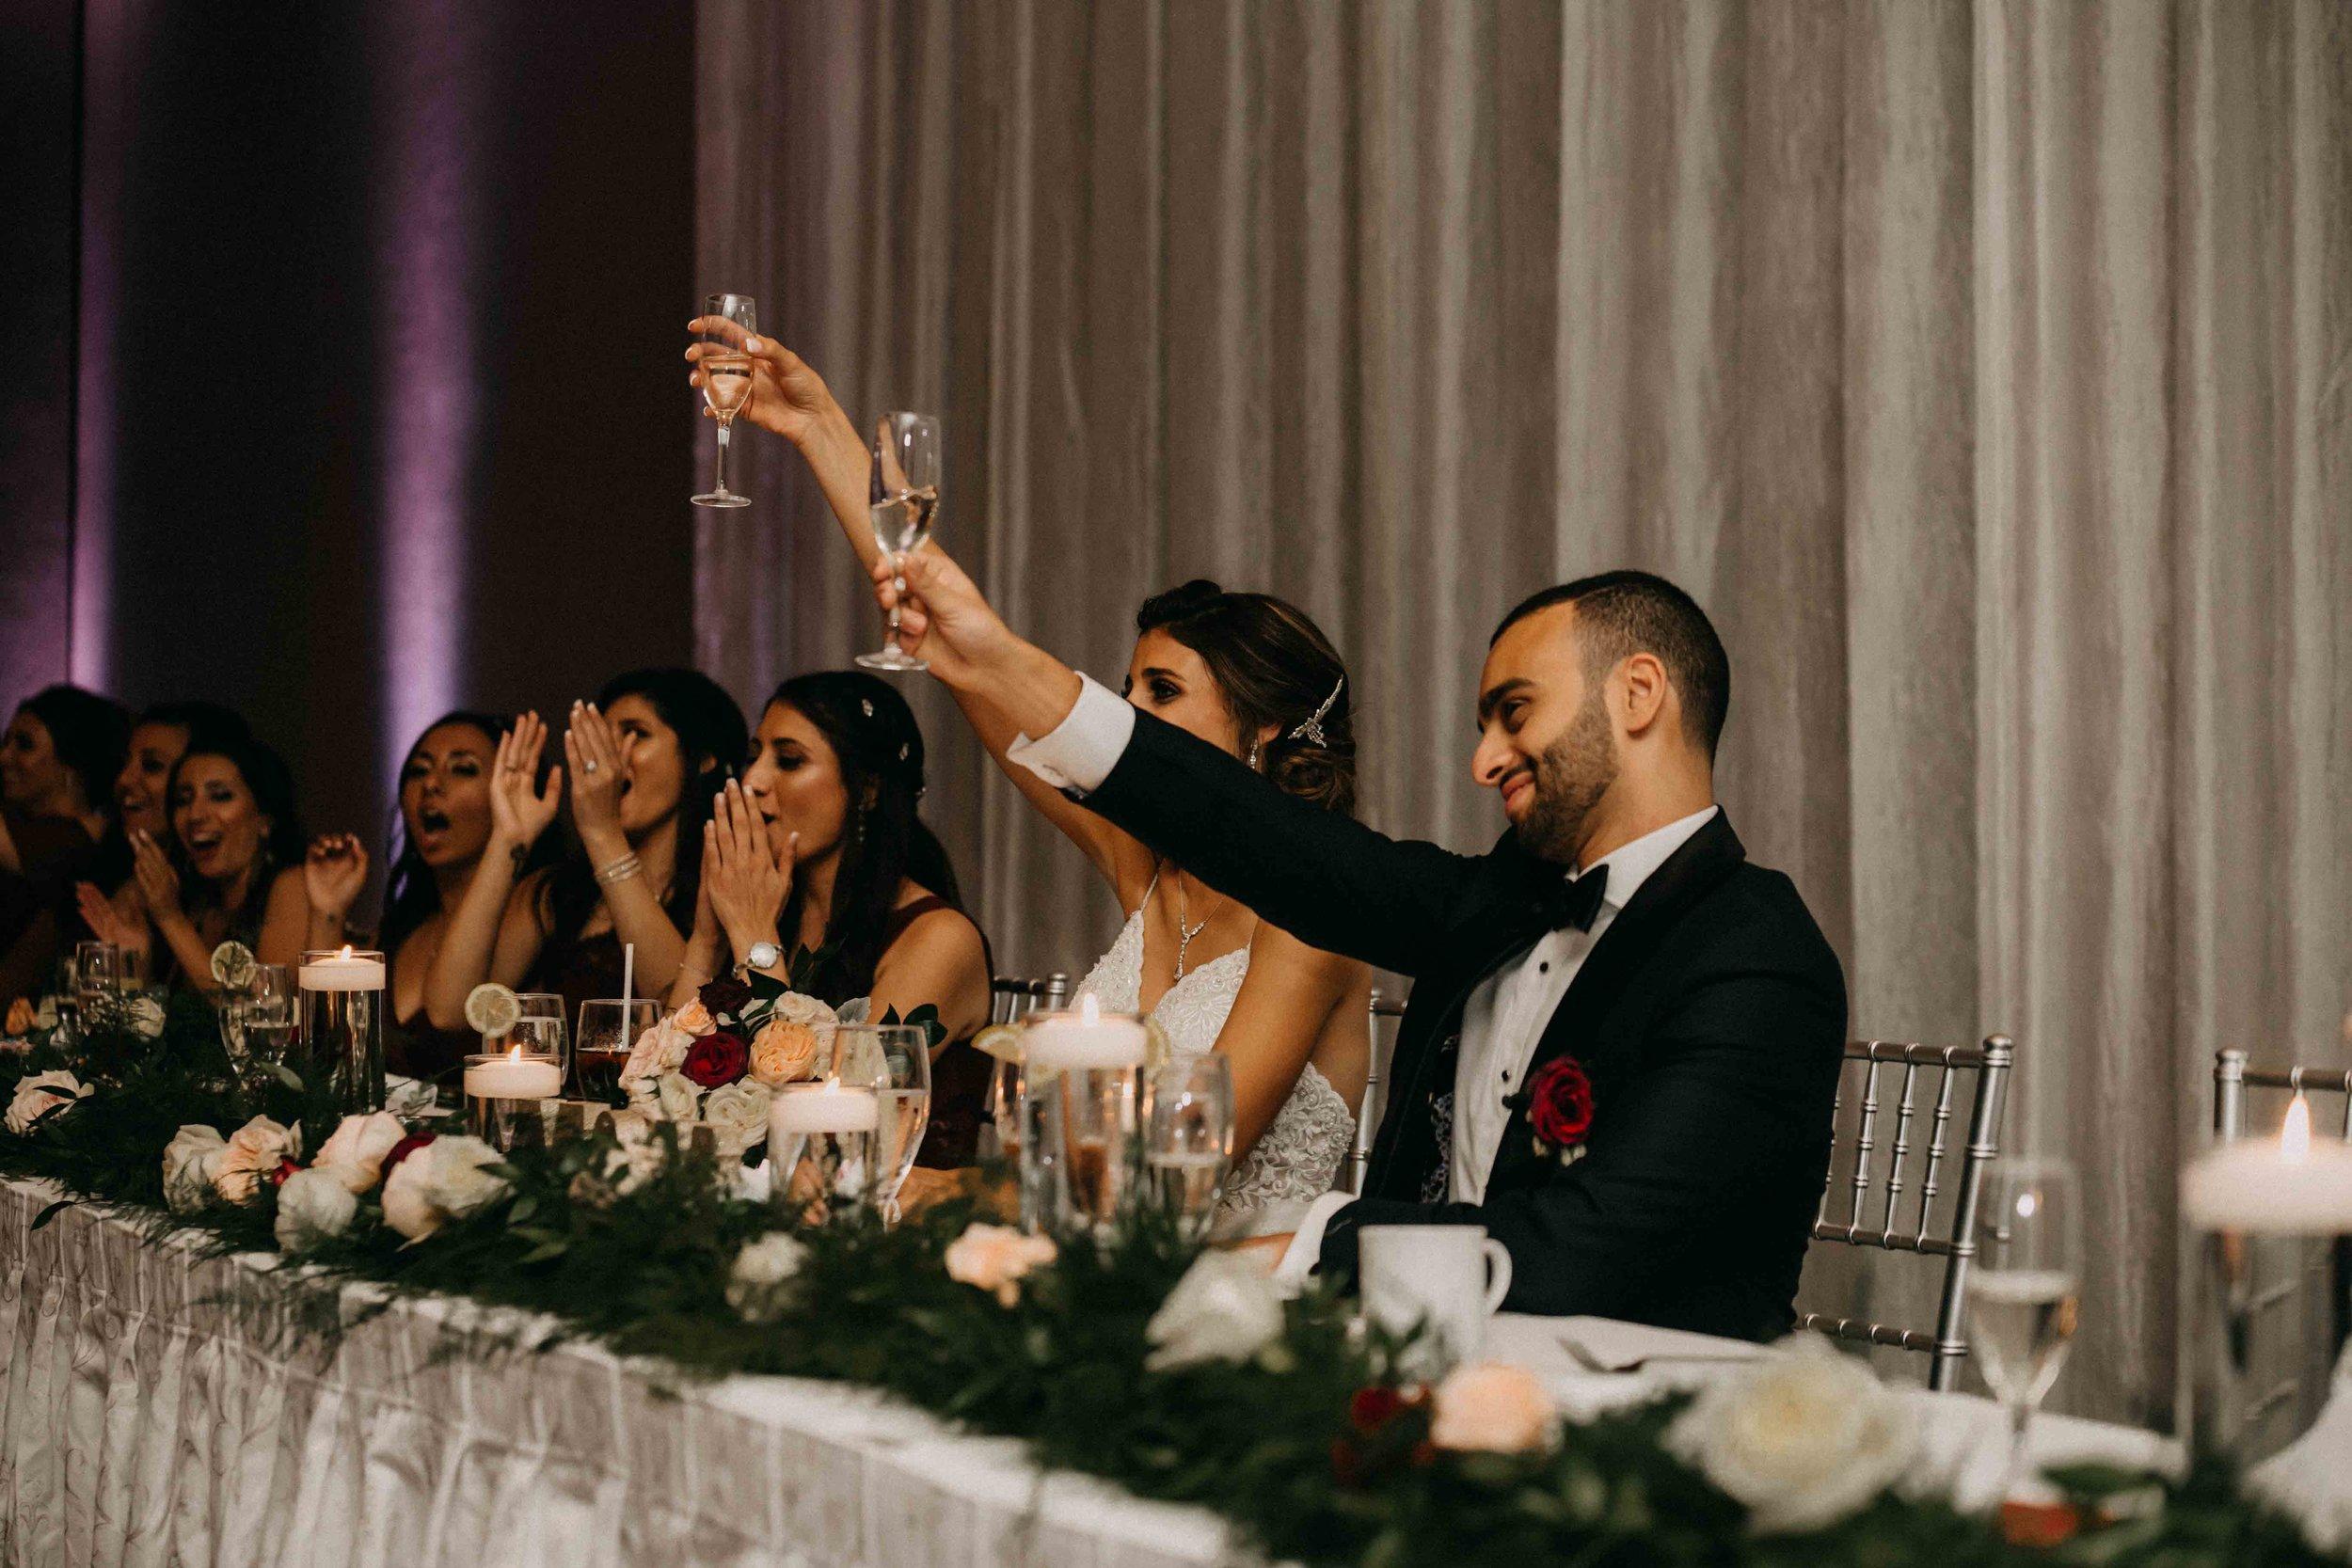 myrtle_beach_south_carolina_wedding_greek_orthodox106.jpg